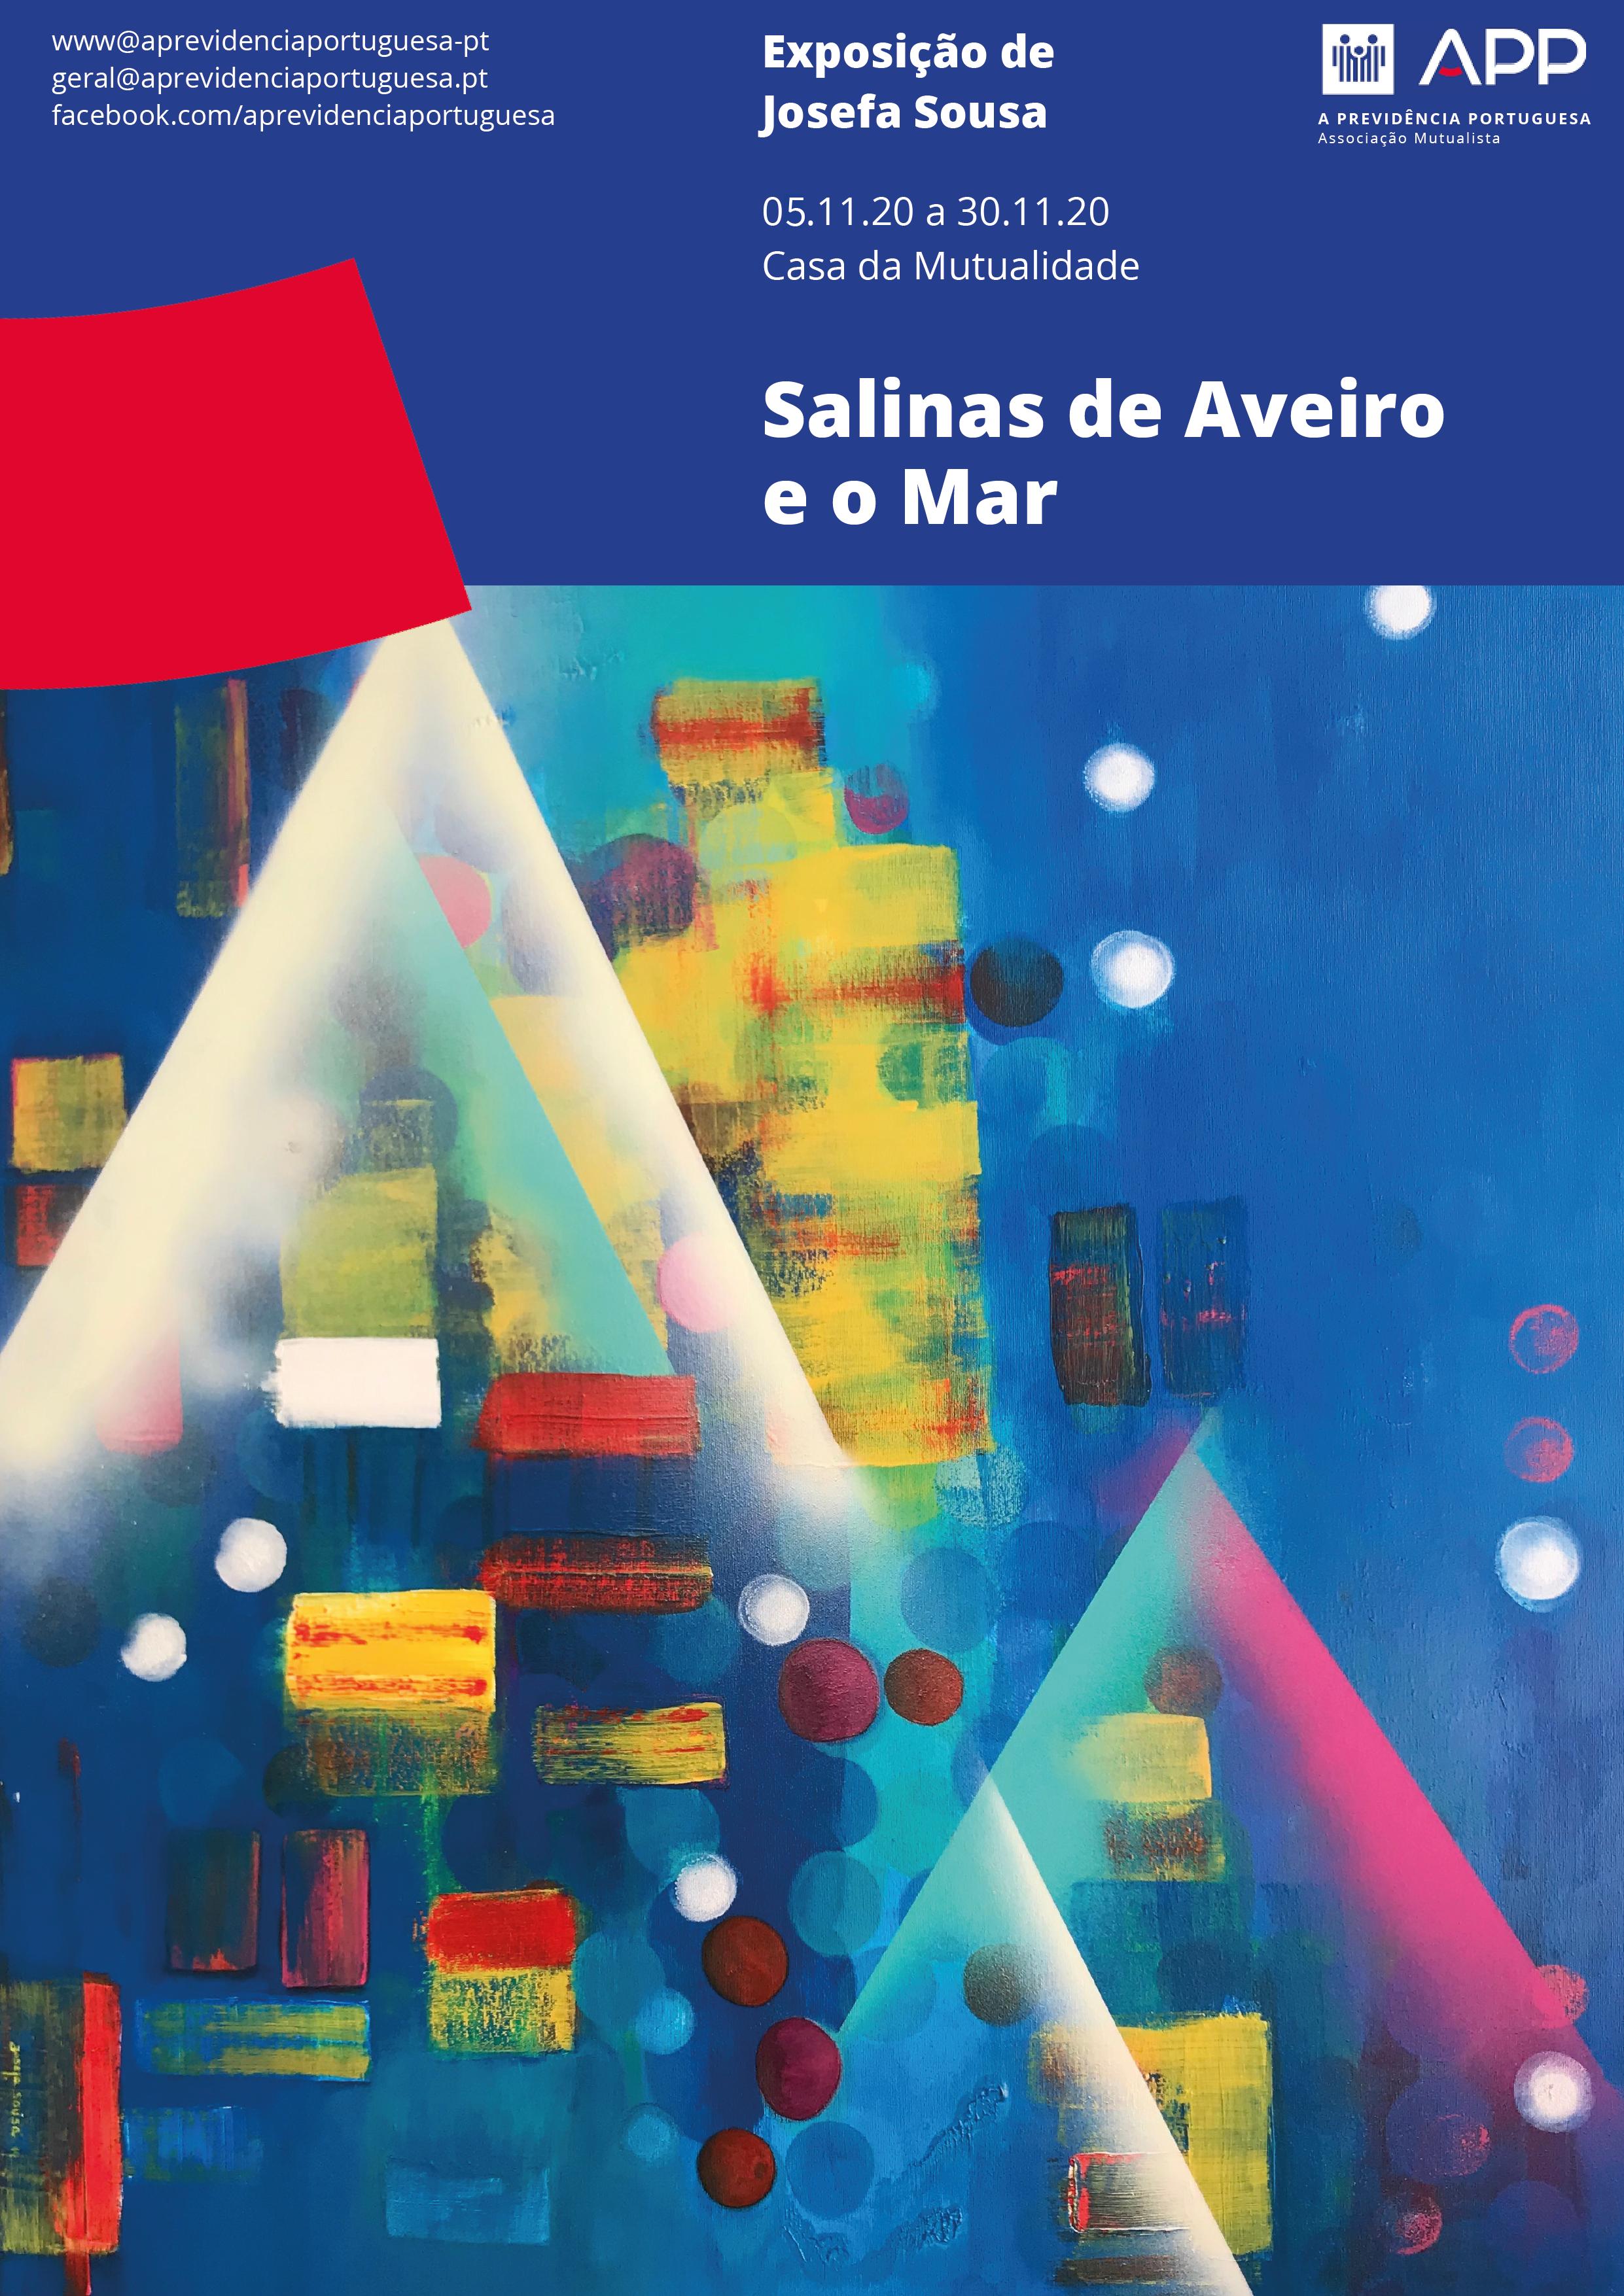 Salinas de Aveiro e o Mar - Josefa Sousa